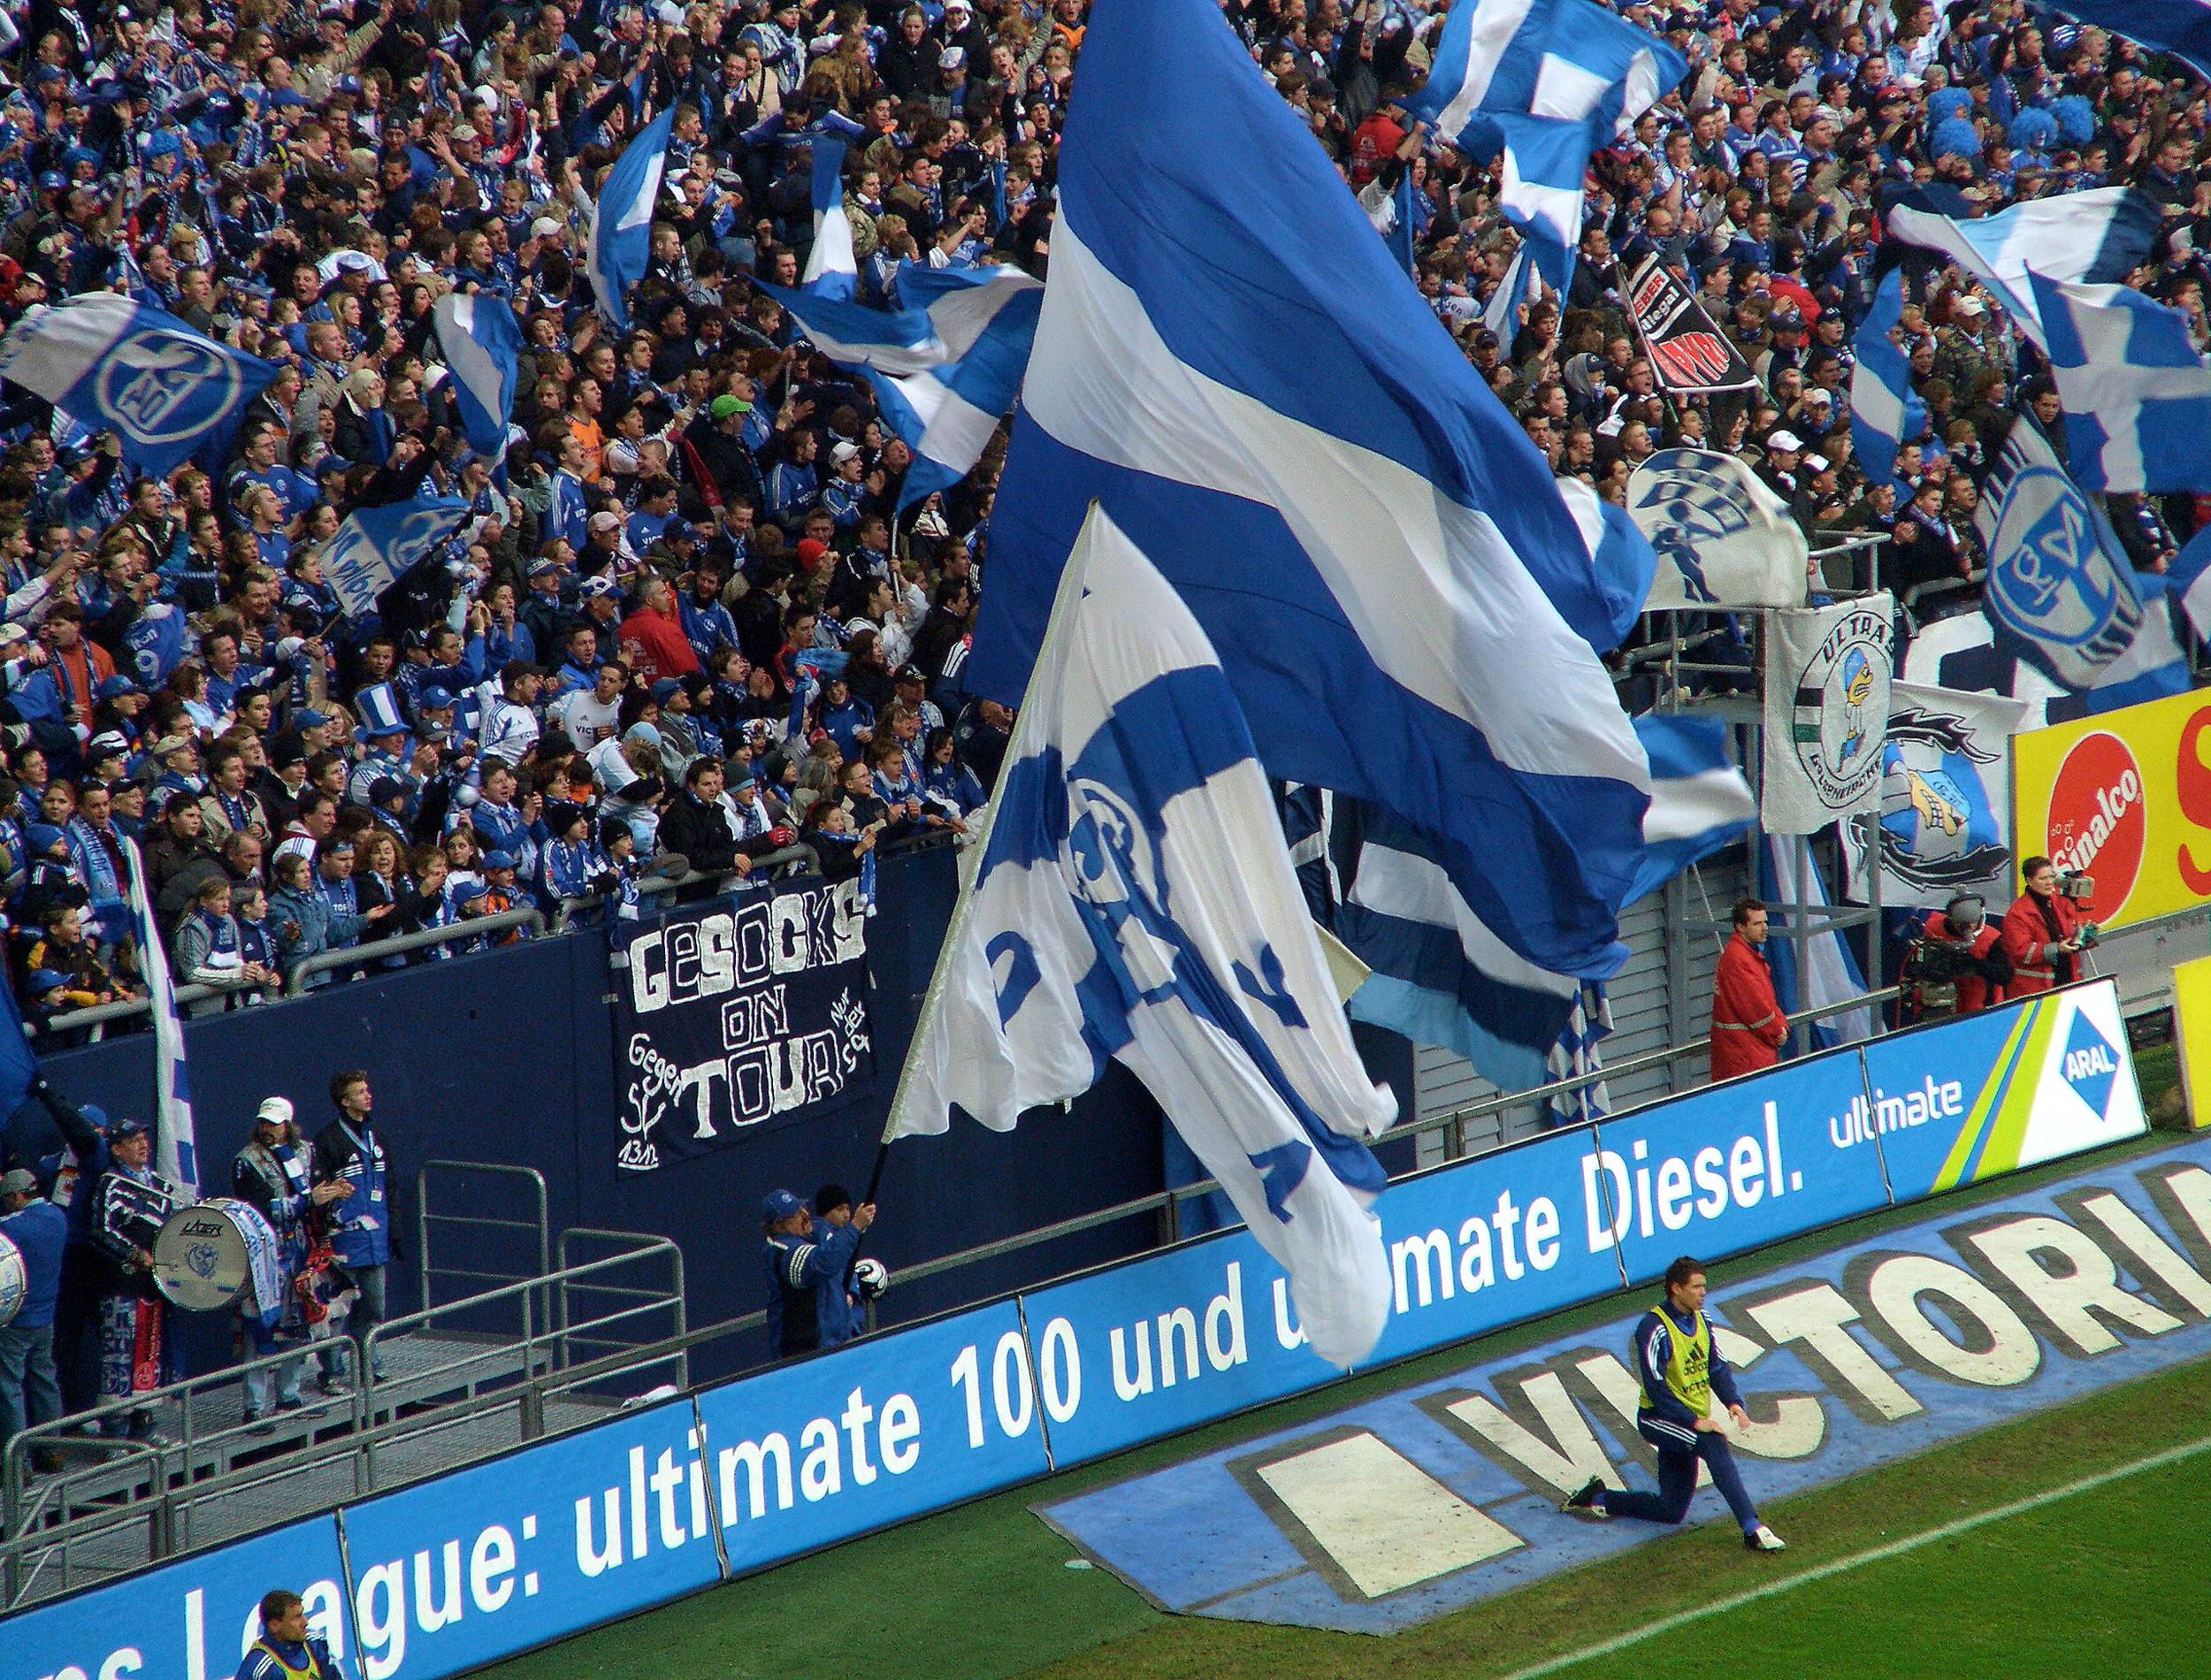 Europaliga Schalke